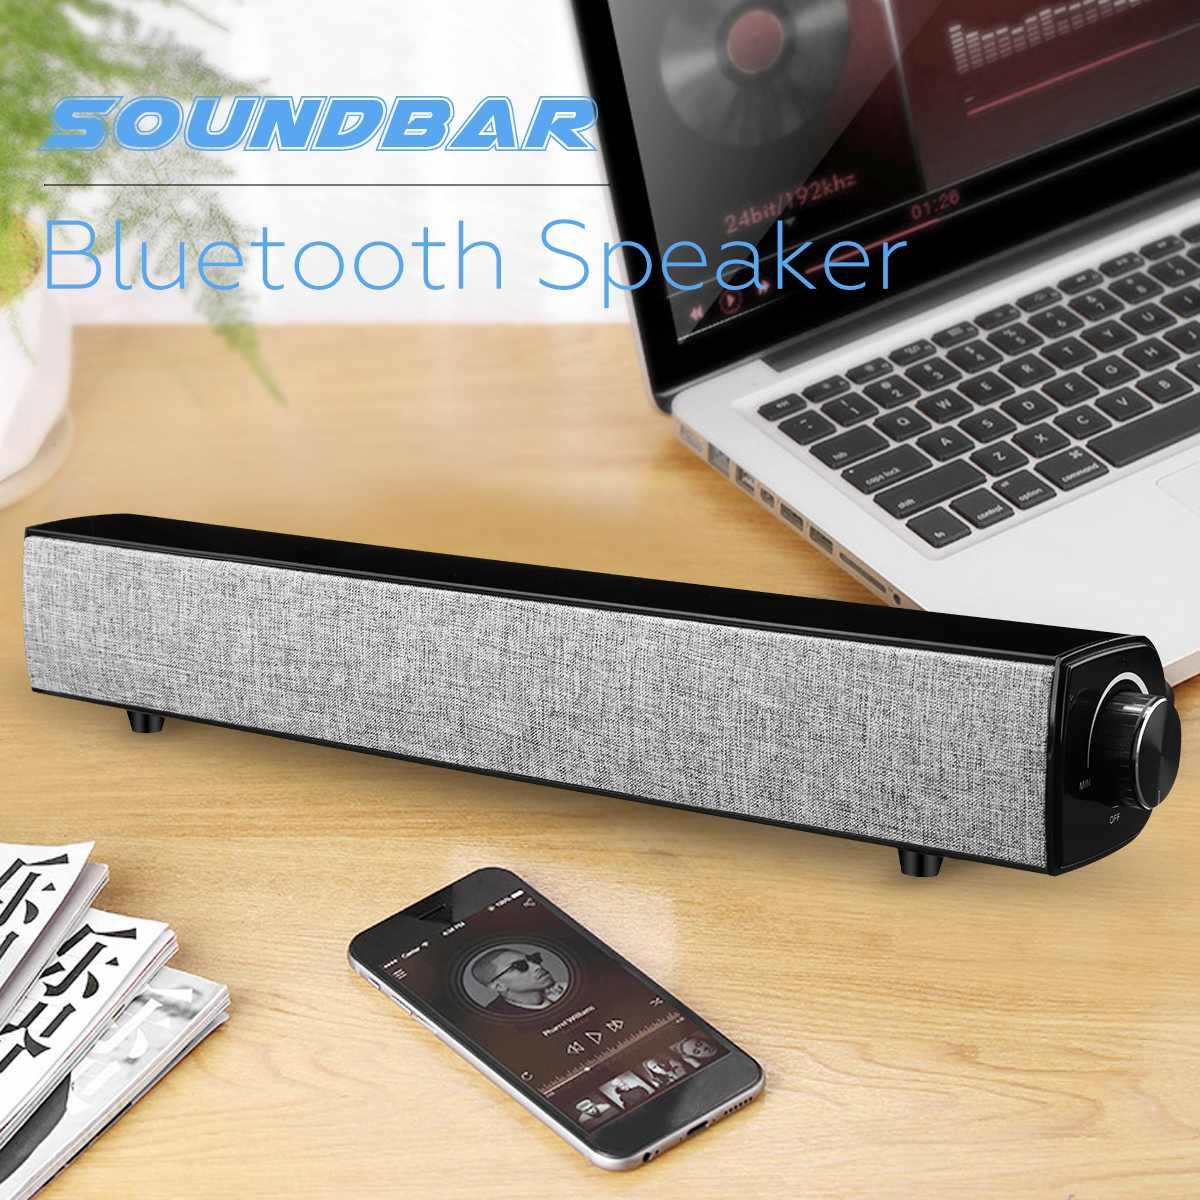 20 W Bluetooth Lautsprecher Soundbar 4000 Mah Drahtlose Bass Stereo Subwoofer Usb Aux 3,5mm Für Home Theatre Smartphone Pc SchüTtelfrost Und Schmerzen